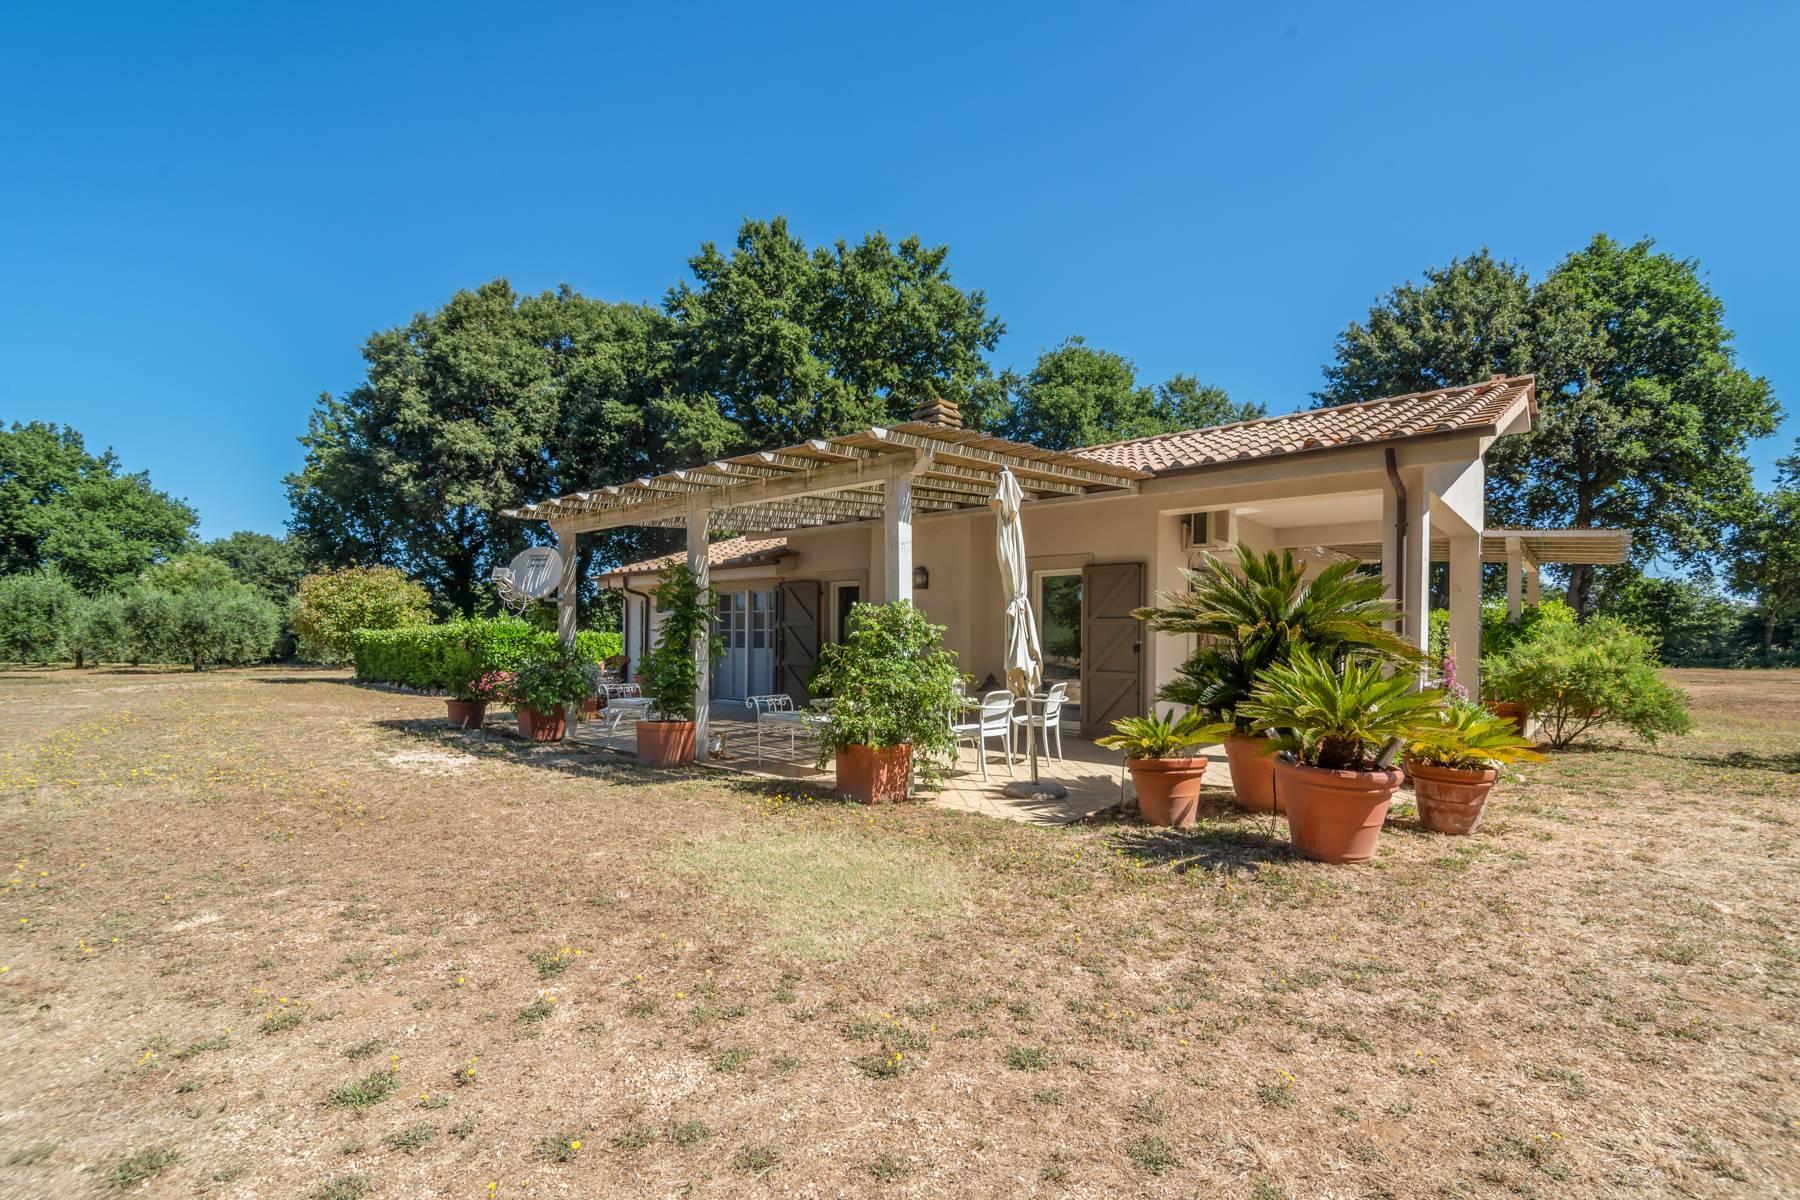 Wunderschönes Anwesen im Grünen, nur einen Steinwurf von Manciano entfernt - 18